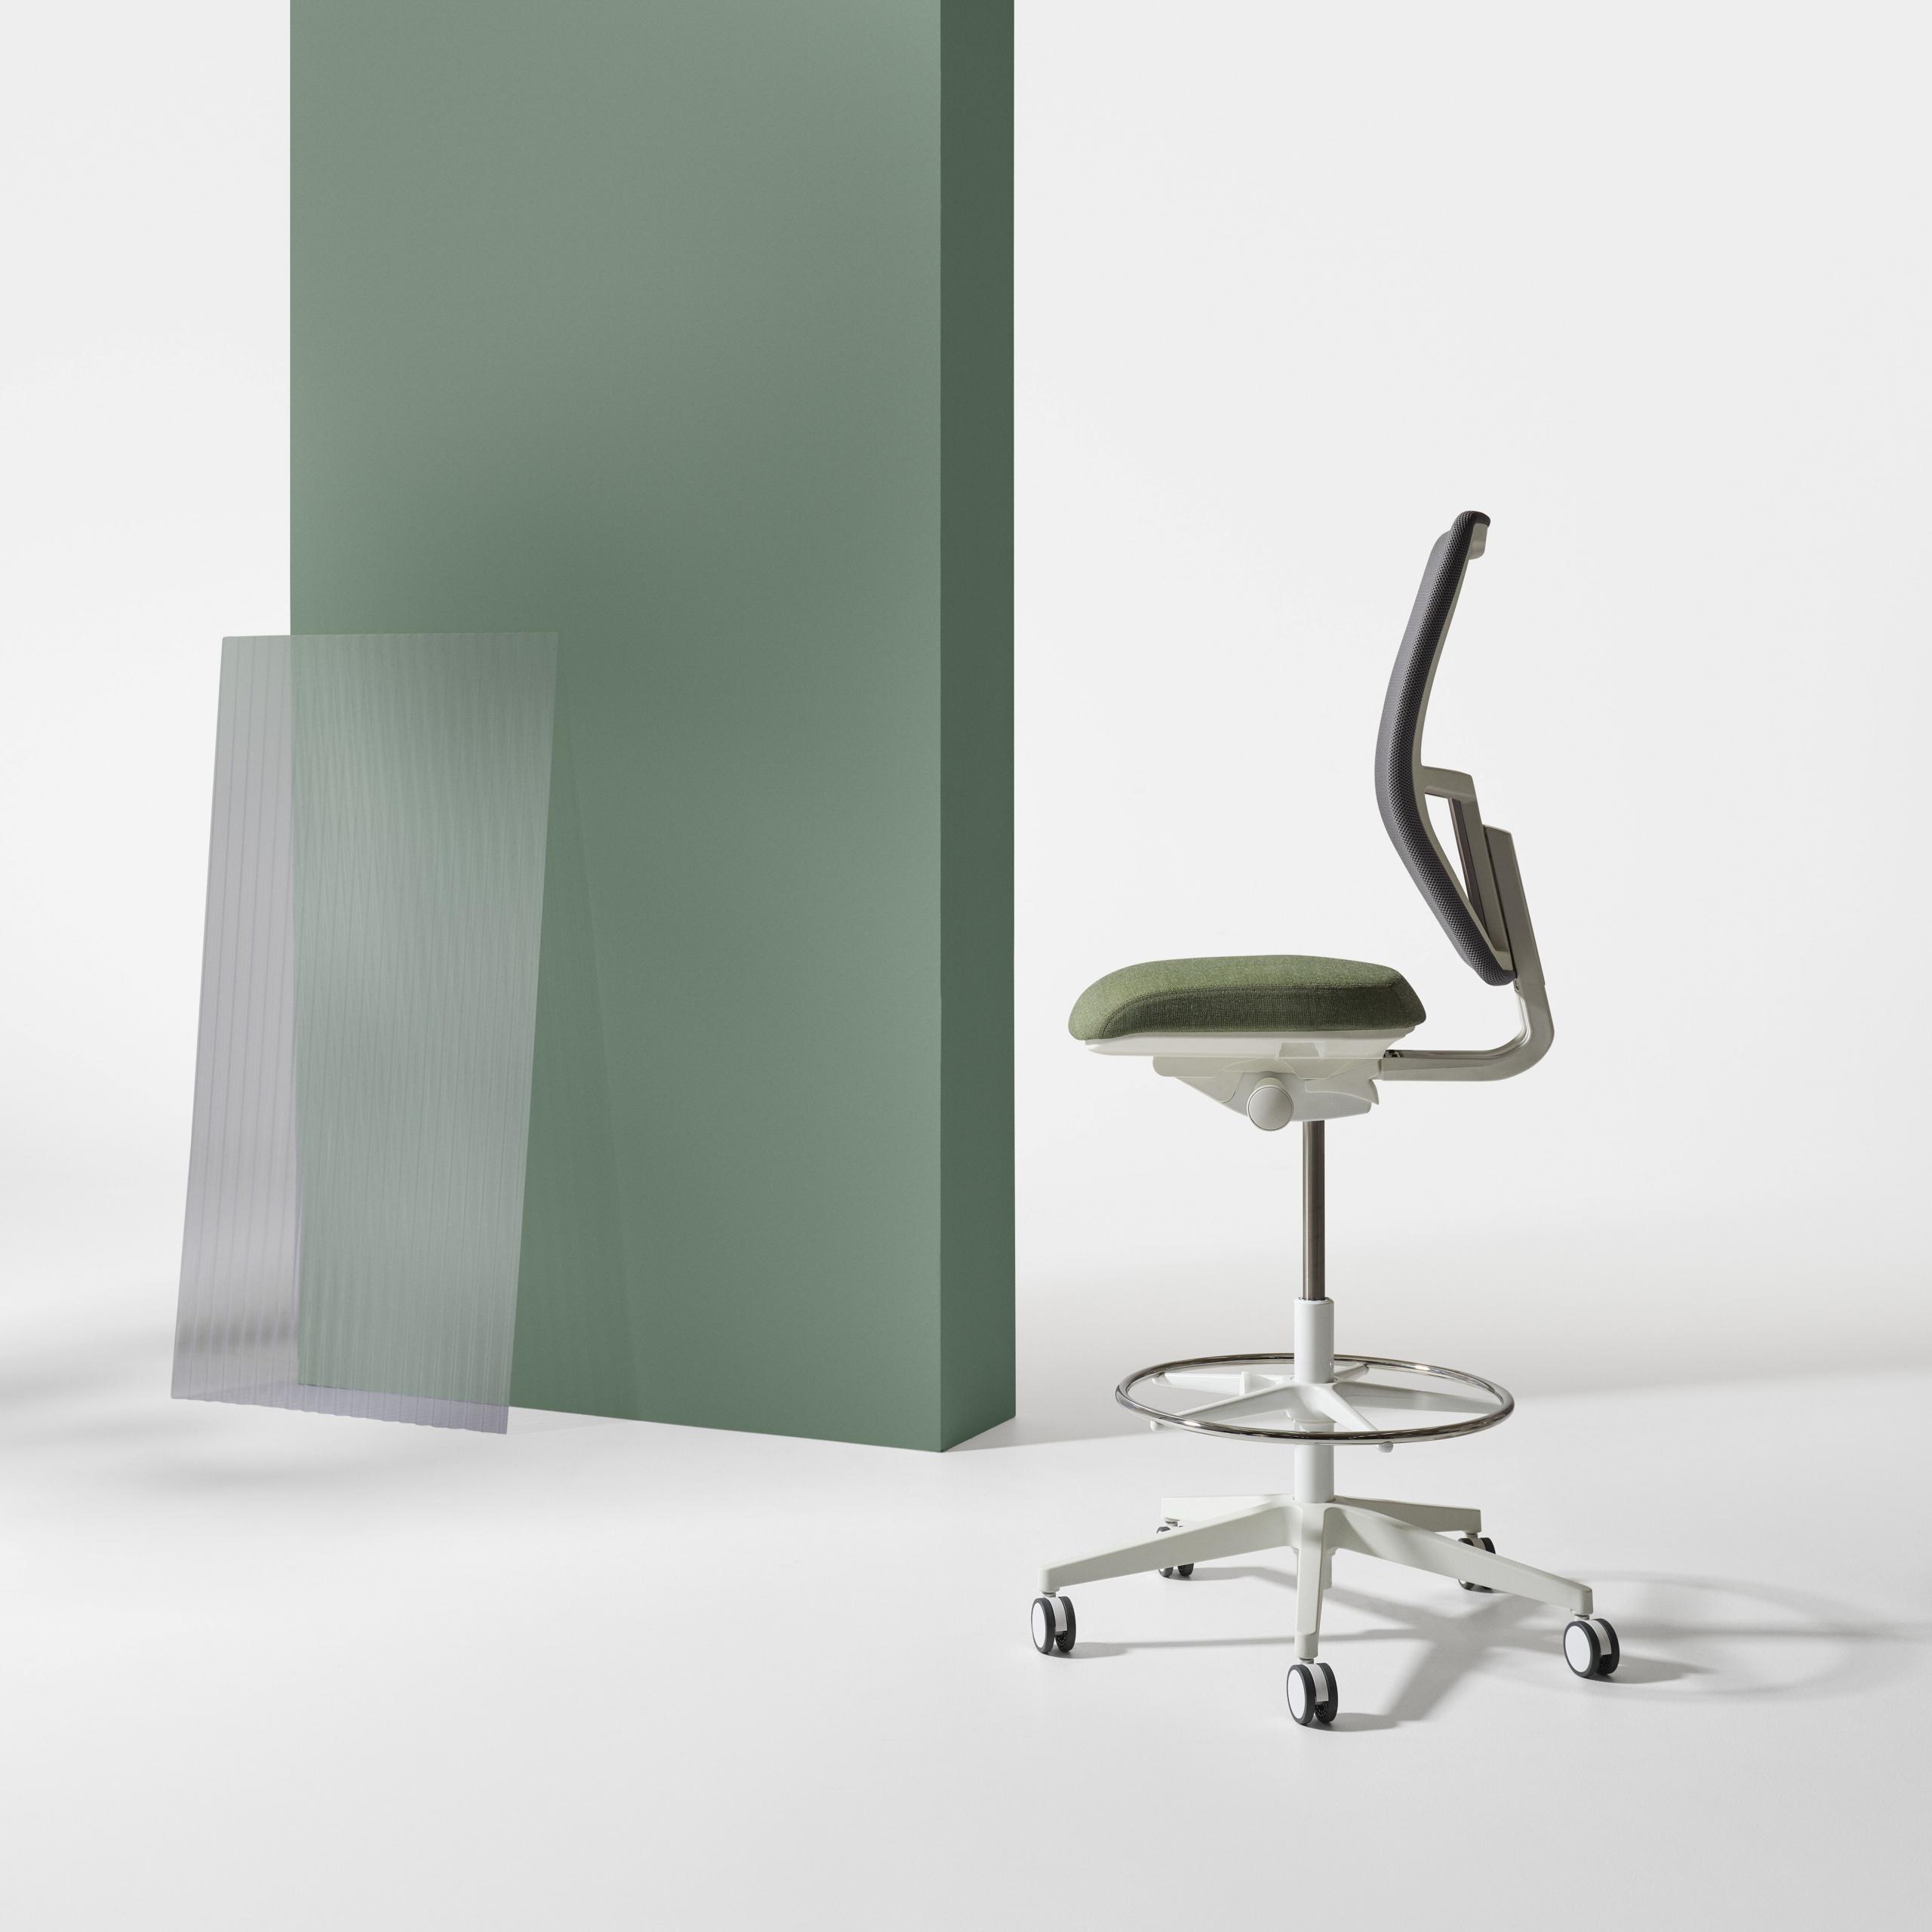 Savo Soul Soul hög stol produktbild 2